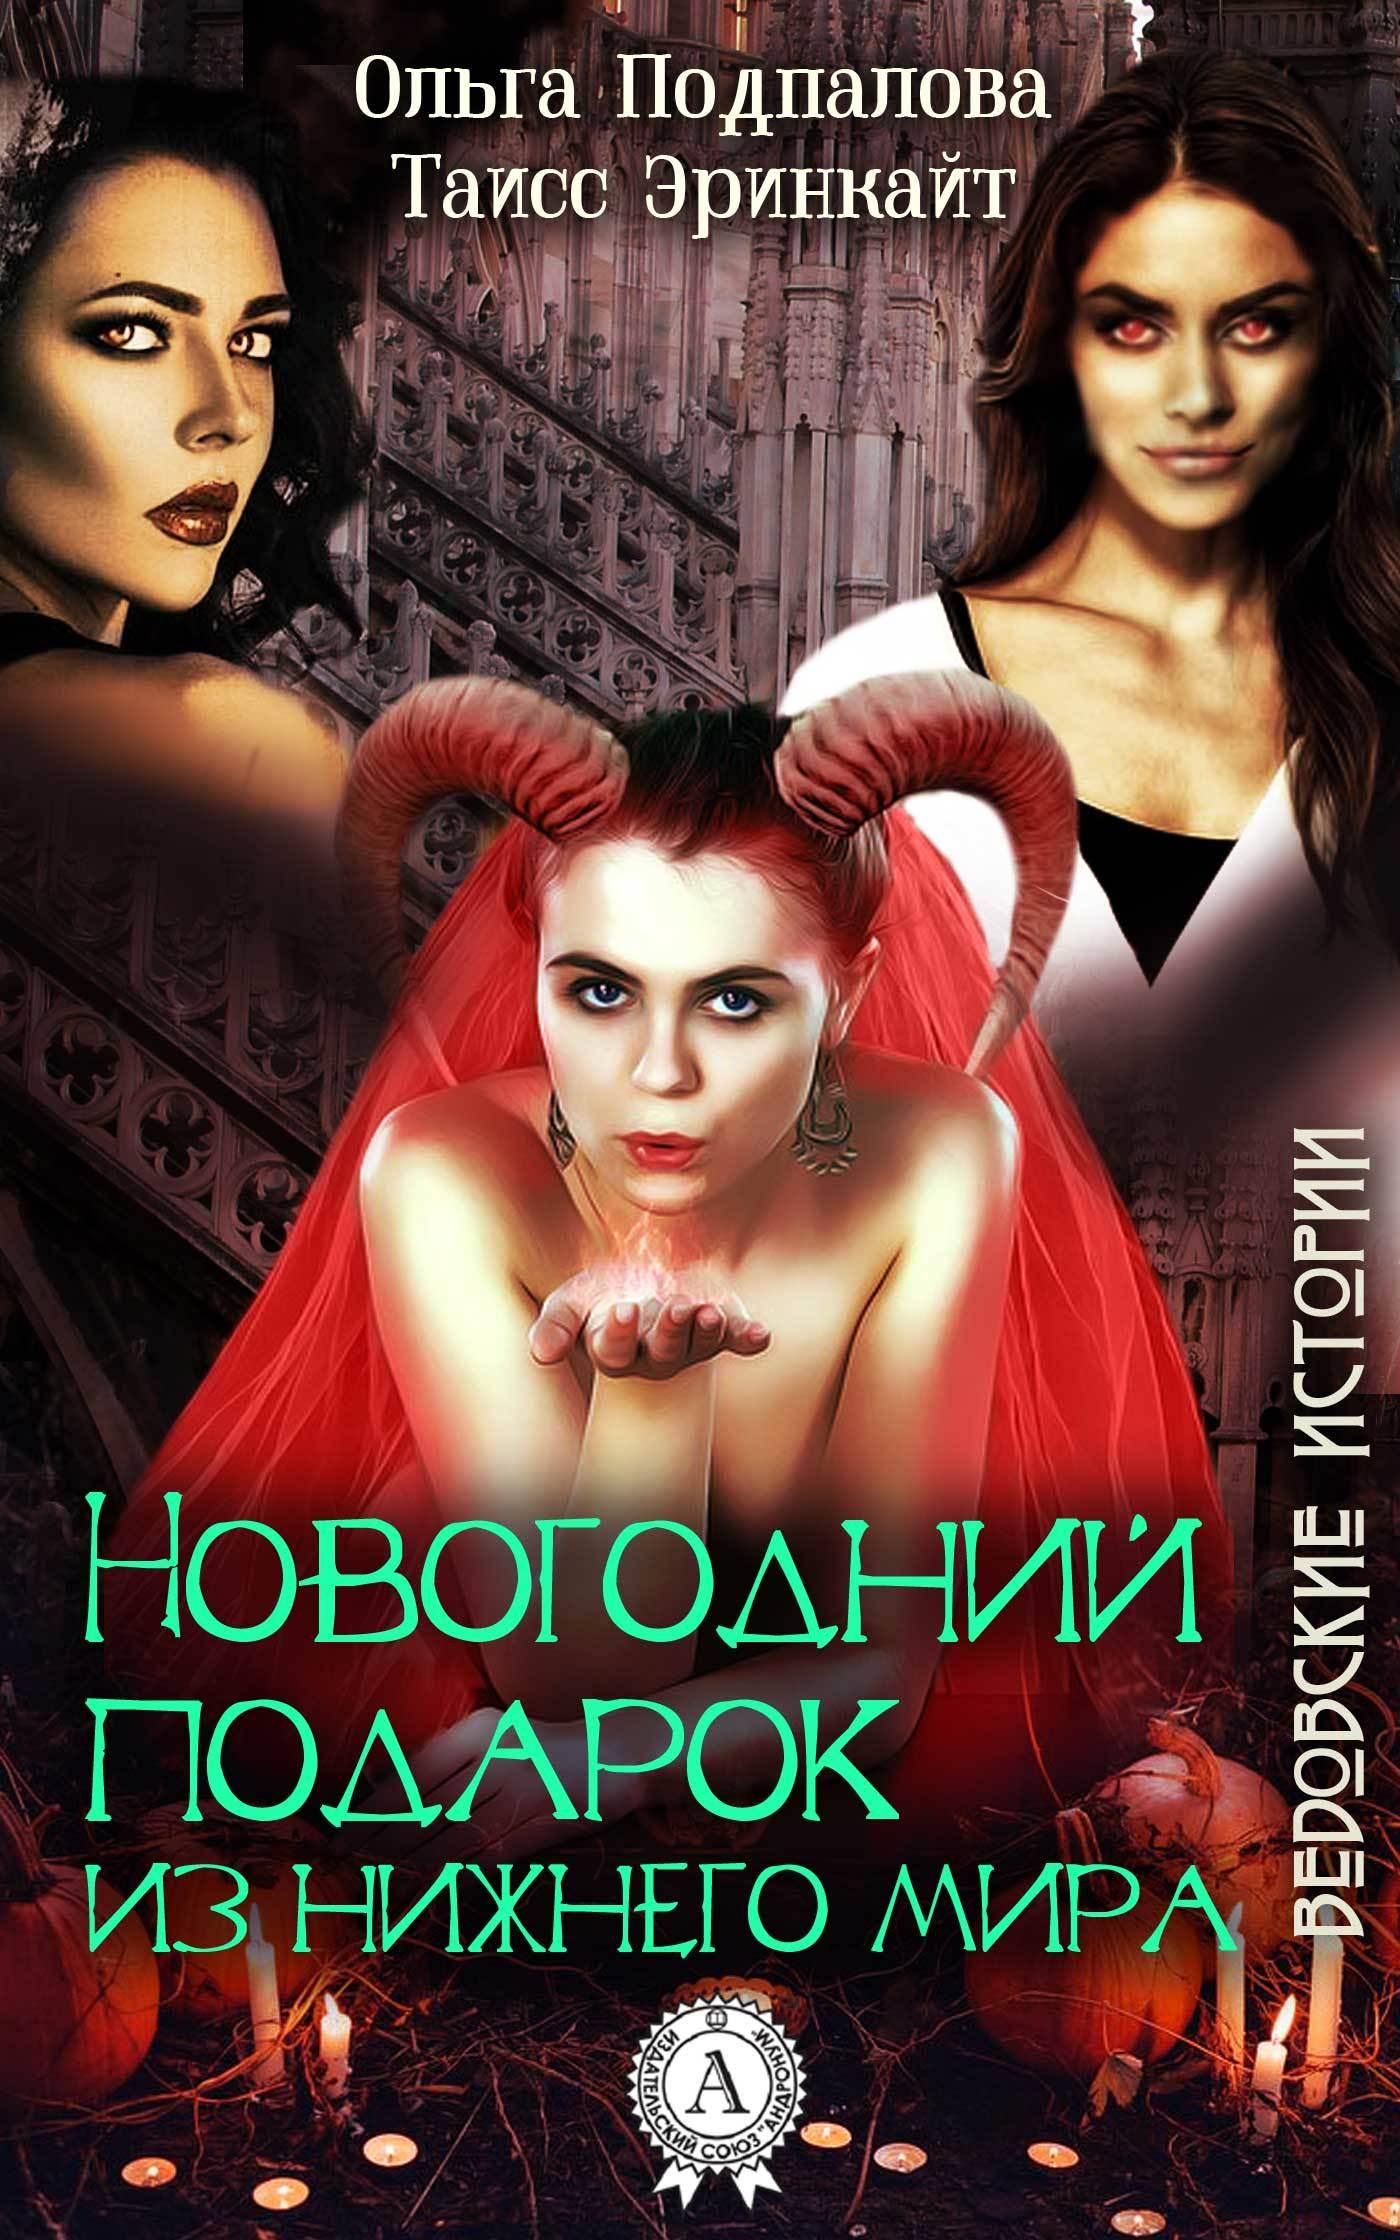 интригующее повествование в книге Ольга Подпалова